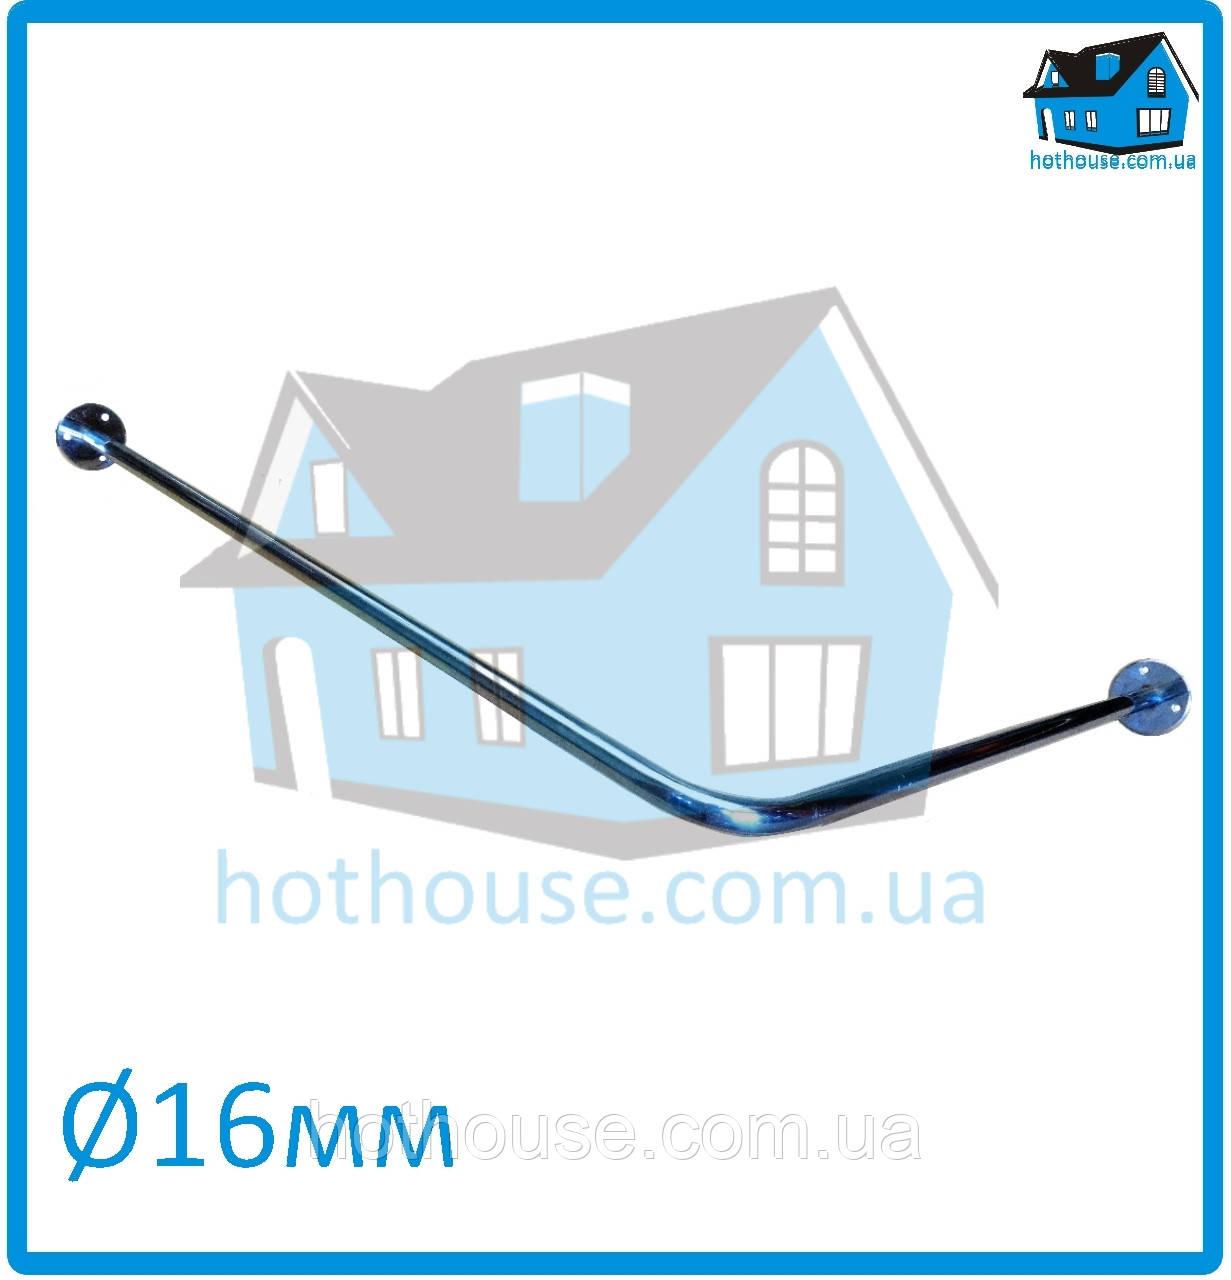 Карниз нержавейка угловой (90°) 170*75 для шторы (ванная, душ)